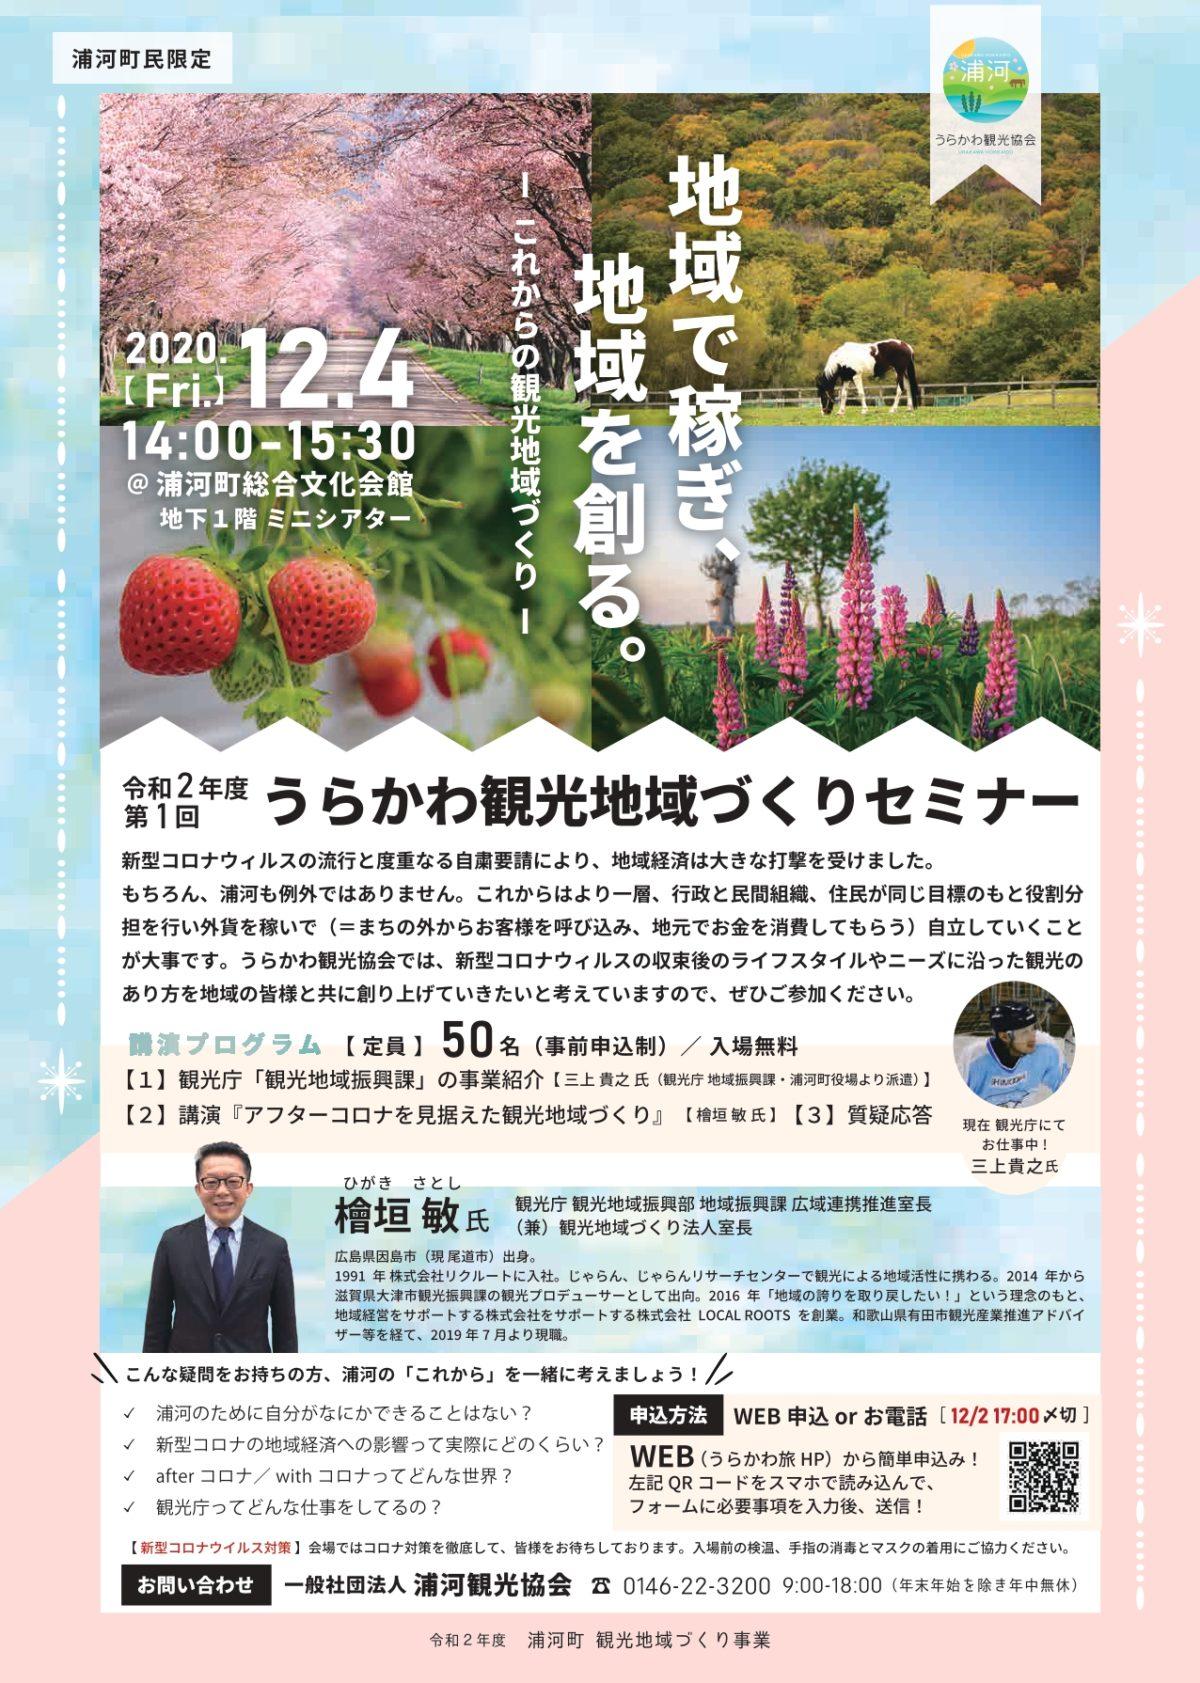 【浦河町民限定】第1回うらかわ観光地域づくりセミナー